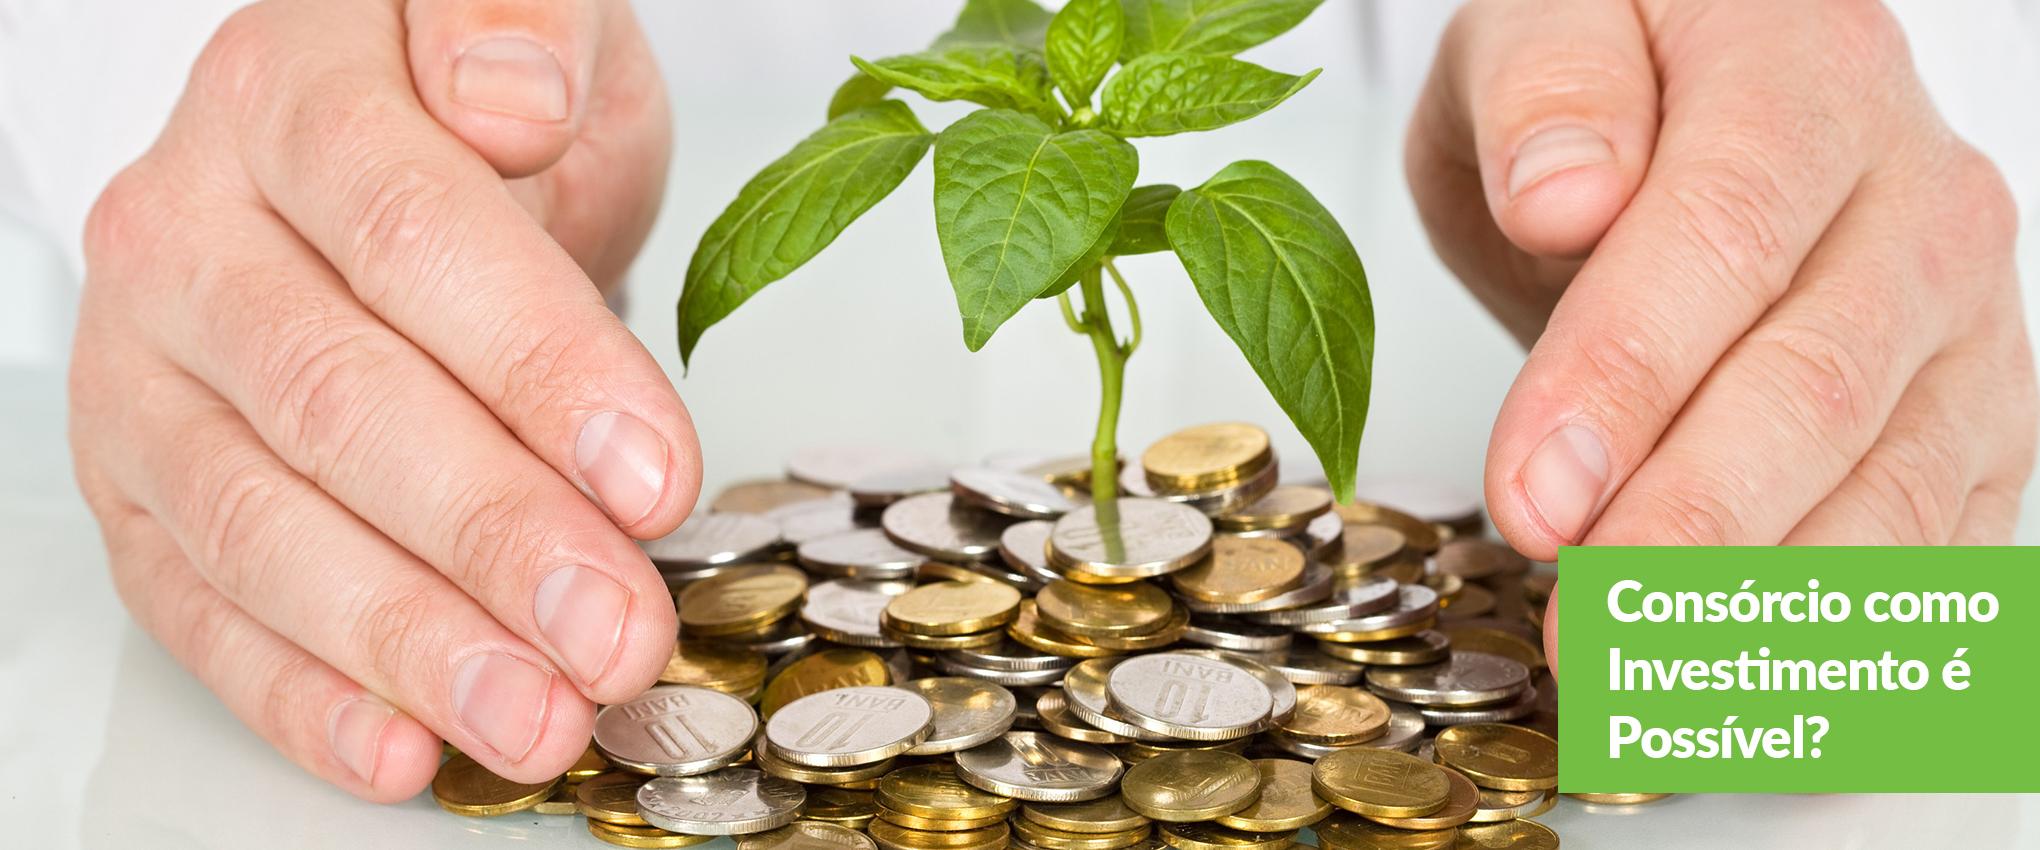 Consórcio como investimento é possível?